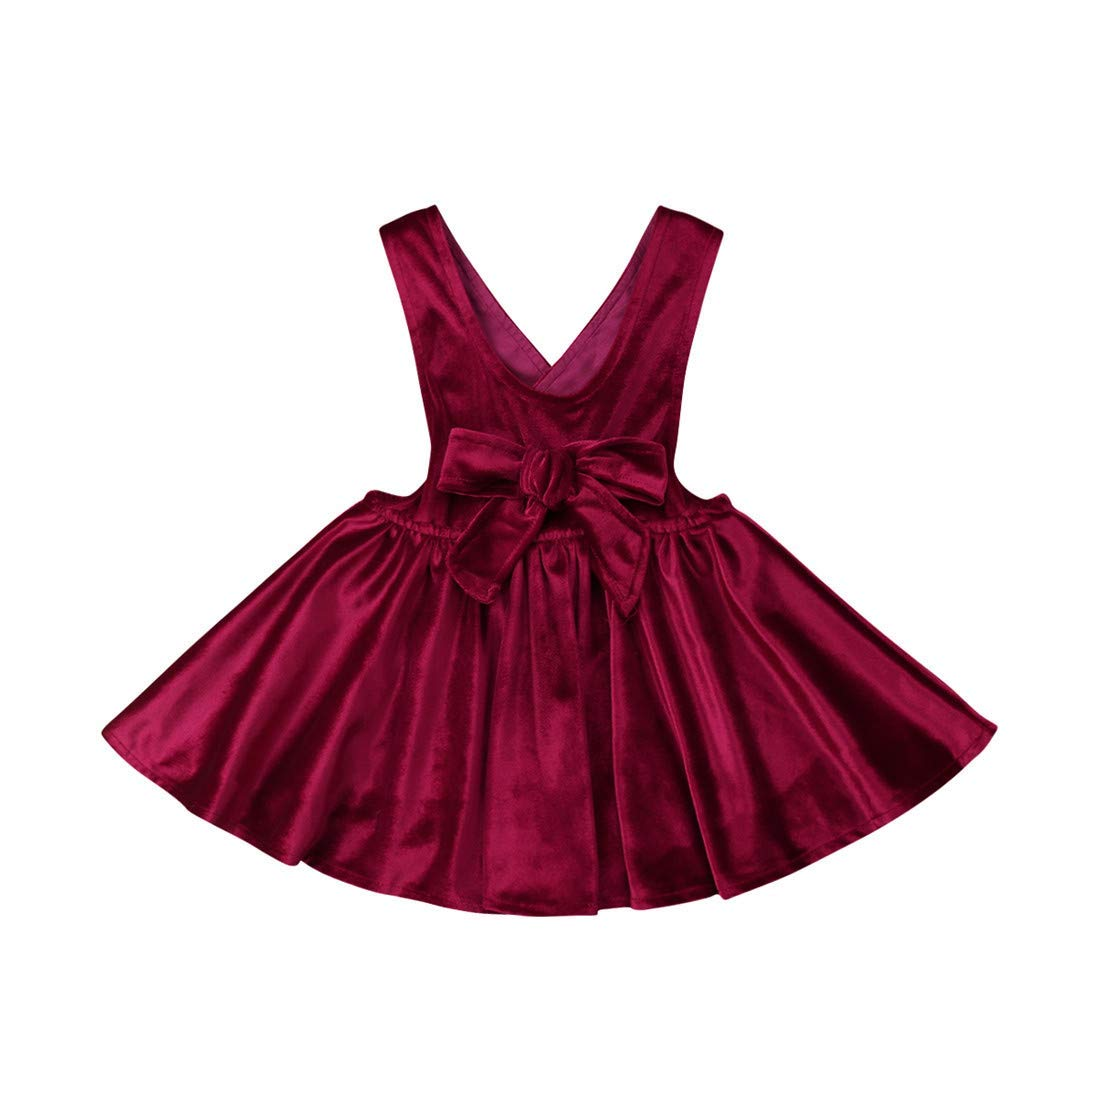 Jamlynbo Toddler Baby Girls Velvet Princess Dress Bowknot Suspender Skirt Ruffled Vintage Sundress